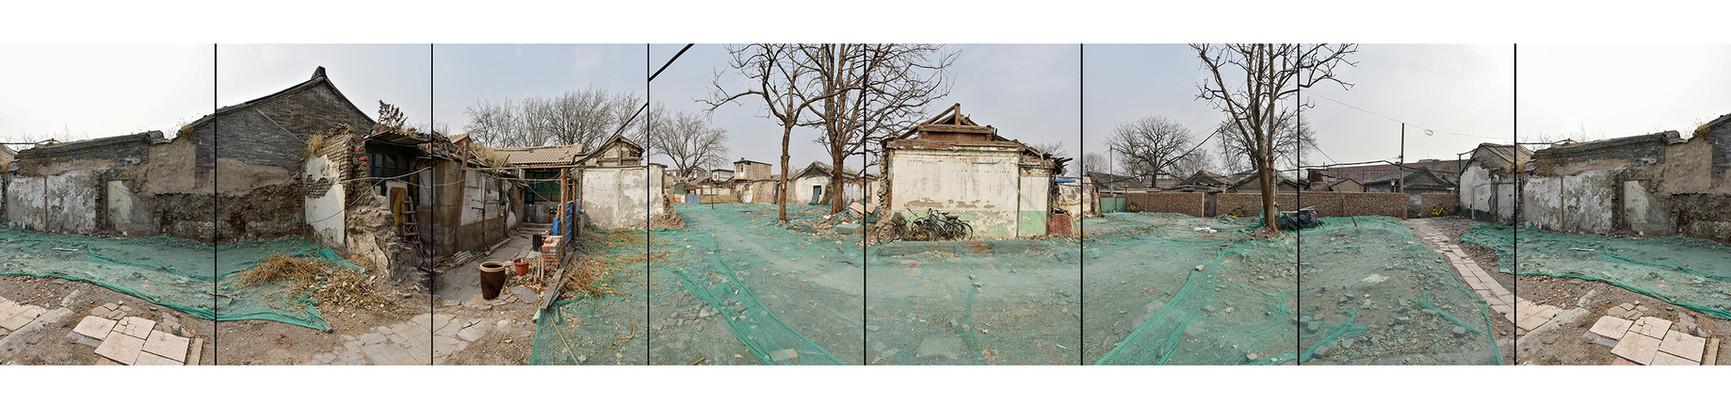 北京废墟04.jpg